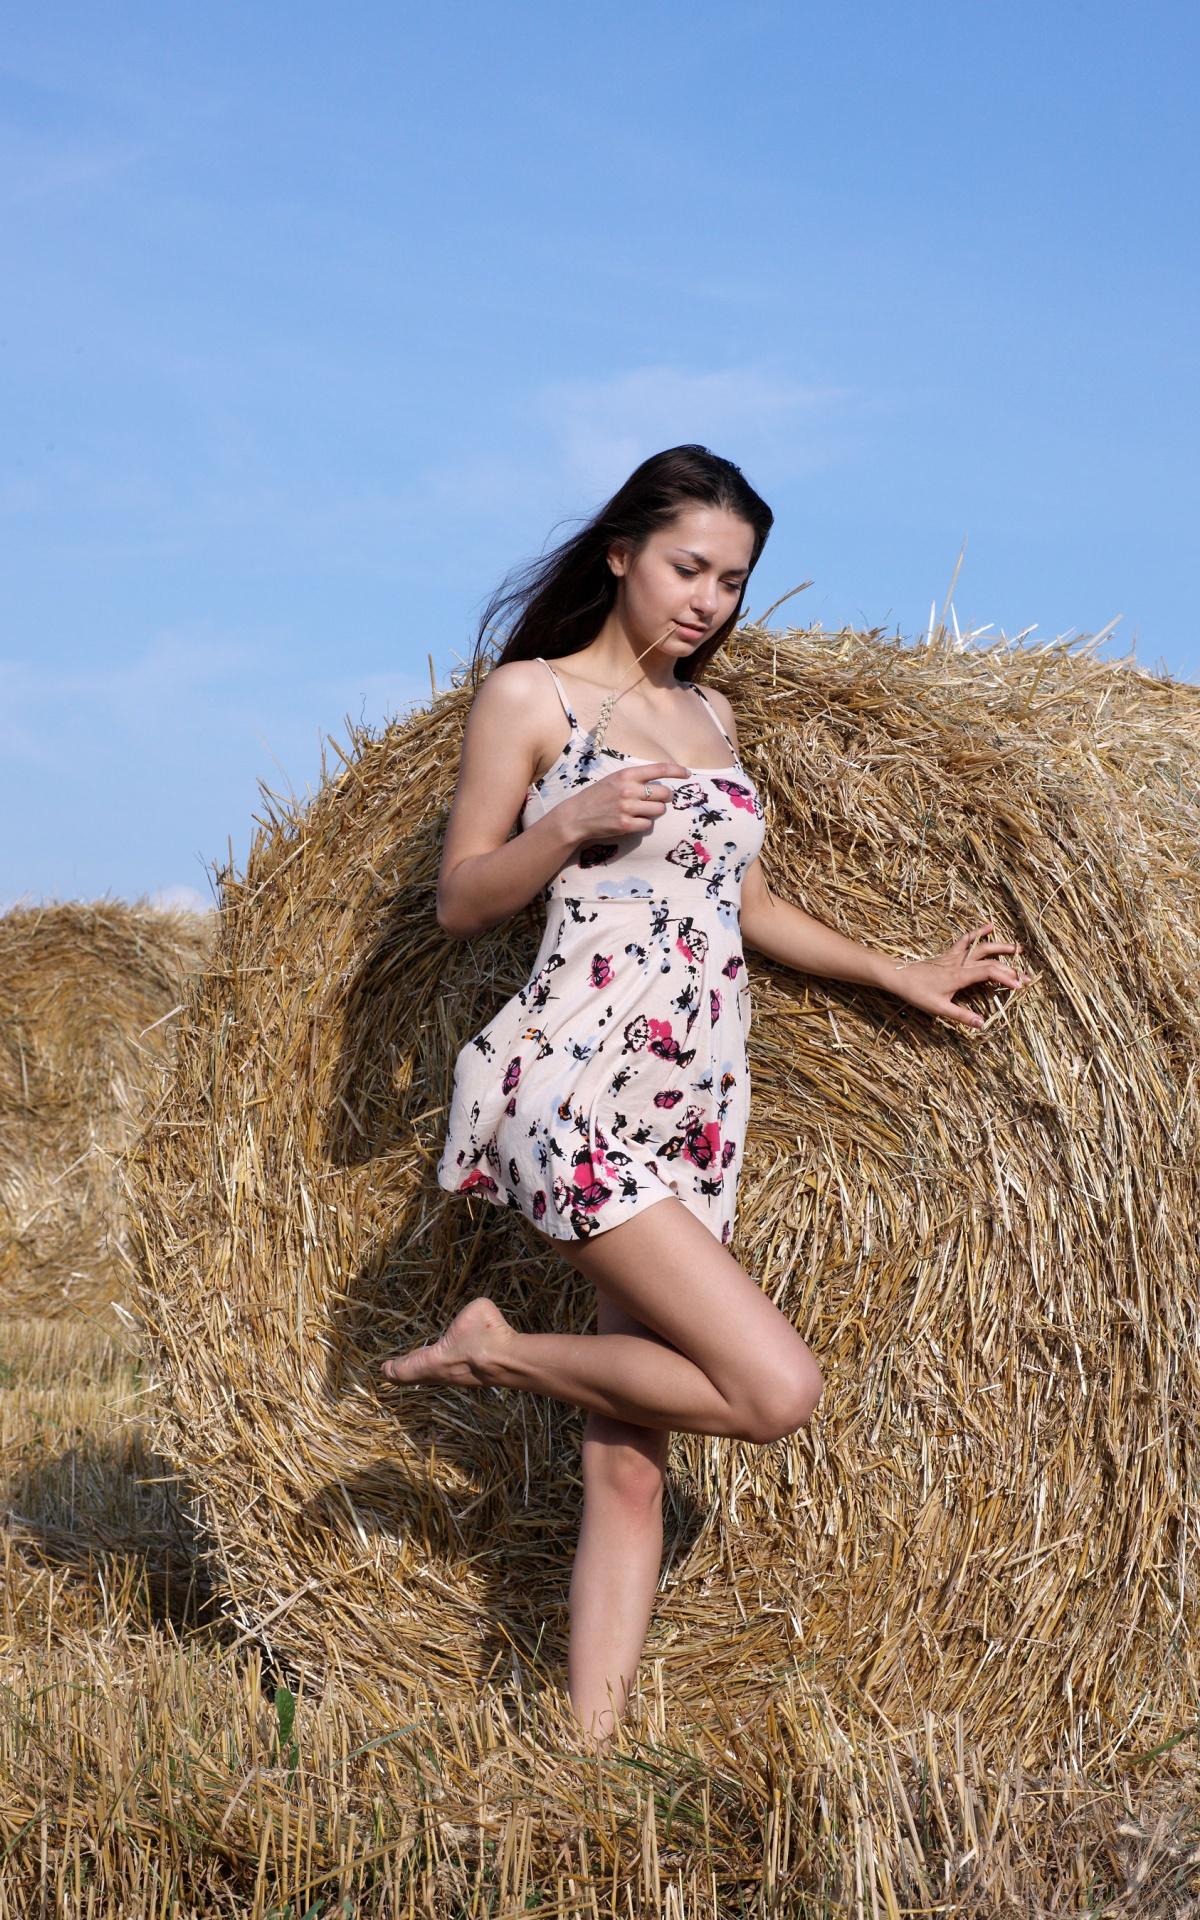 helga-lovekaty-grain-field-nude-05